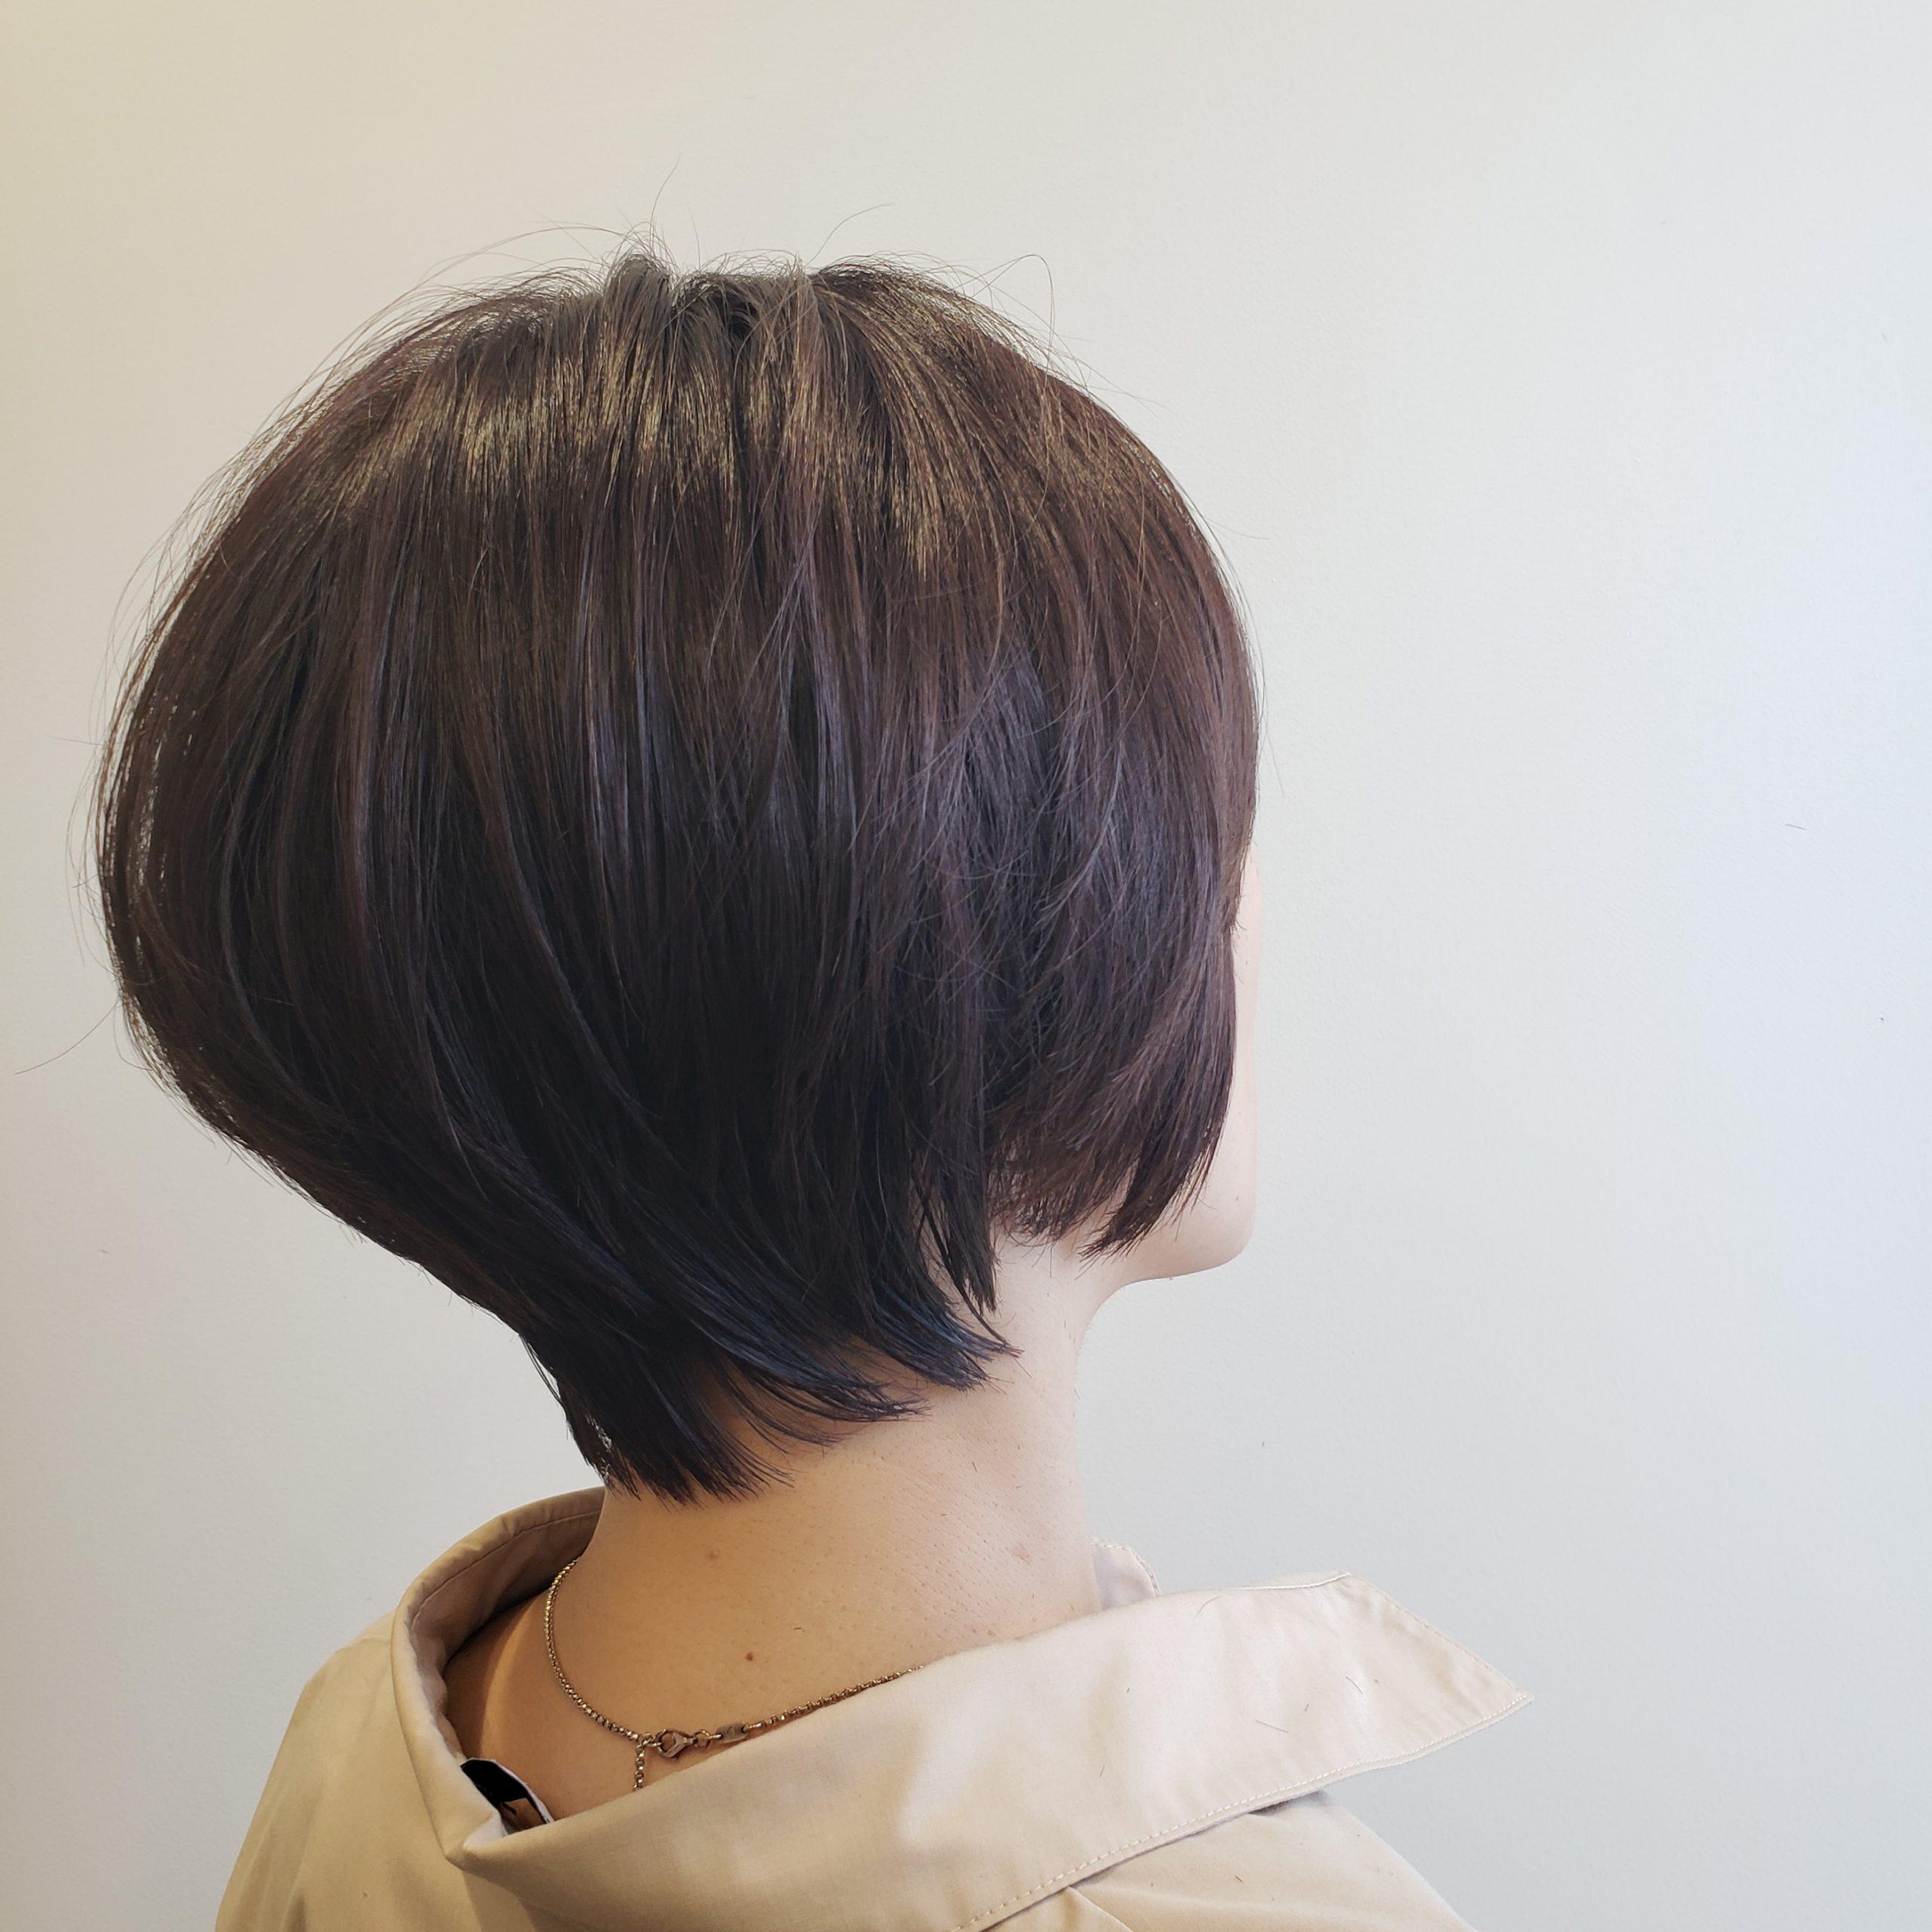 【首が細く見える髪型】くびれのある髪型のメリットとデメリット解説